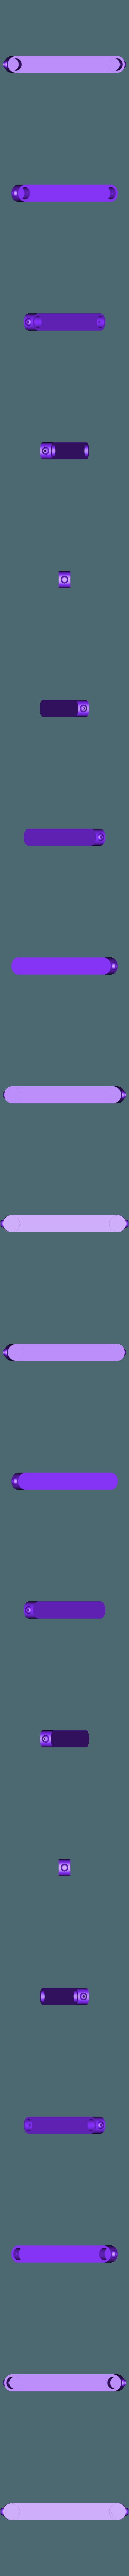 EndCap.stl Télécharger fichier STL gratuit Support de caméra de plafond pour plafonds commerciaux de 600 mm • Design imprimable en 3D, PapaBravo